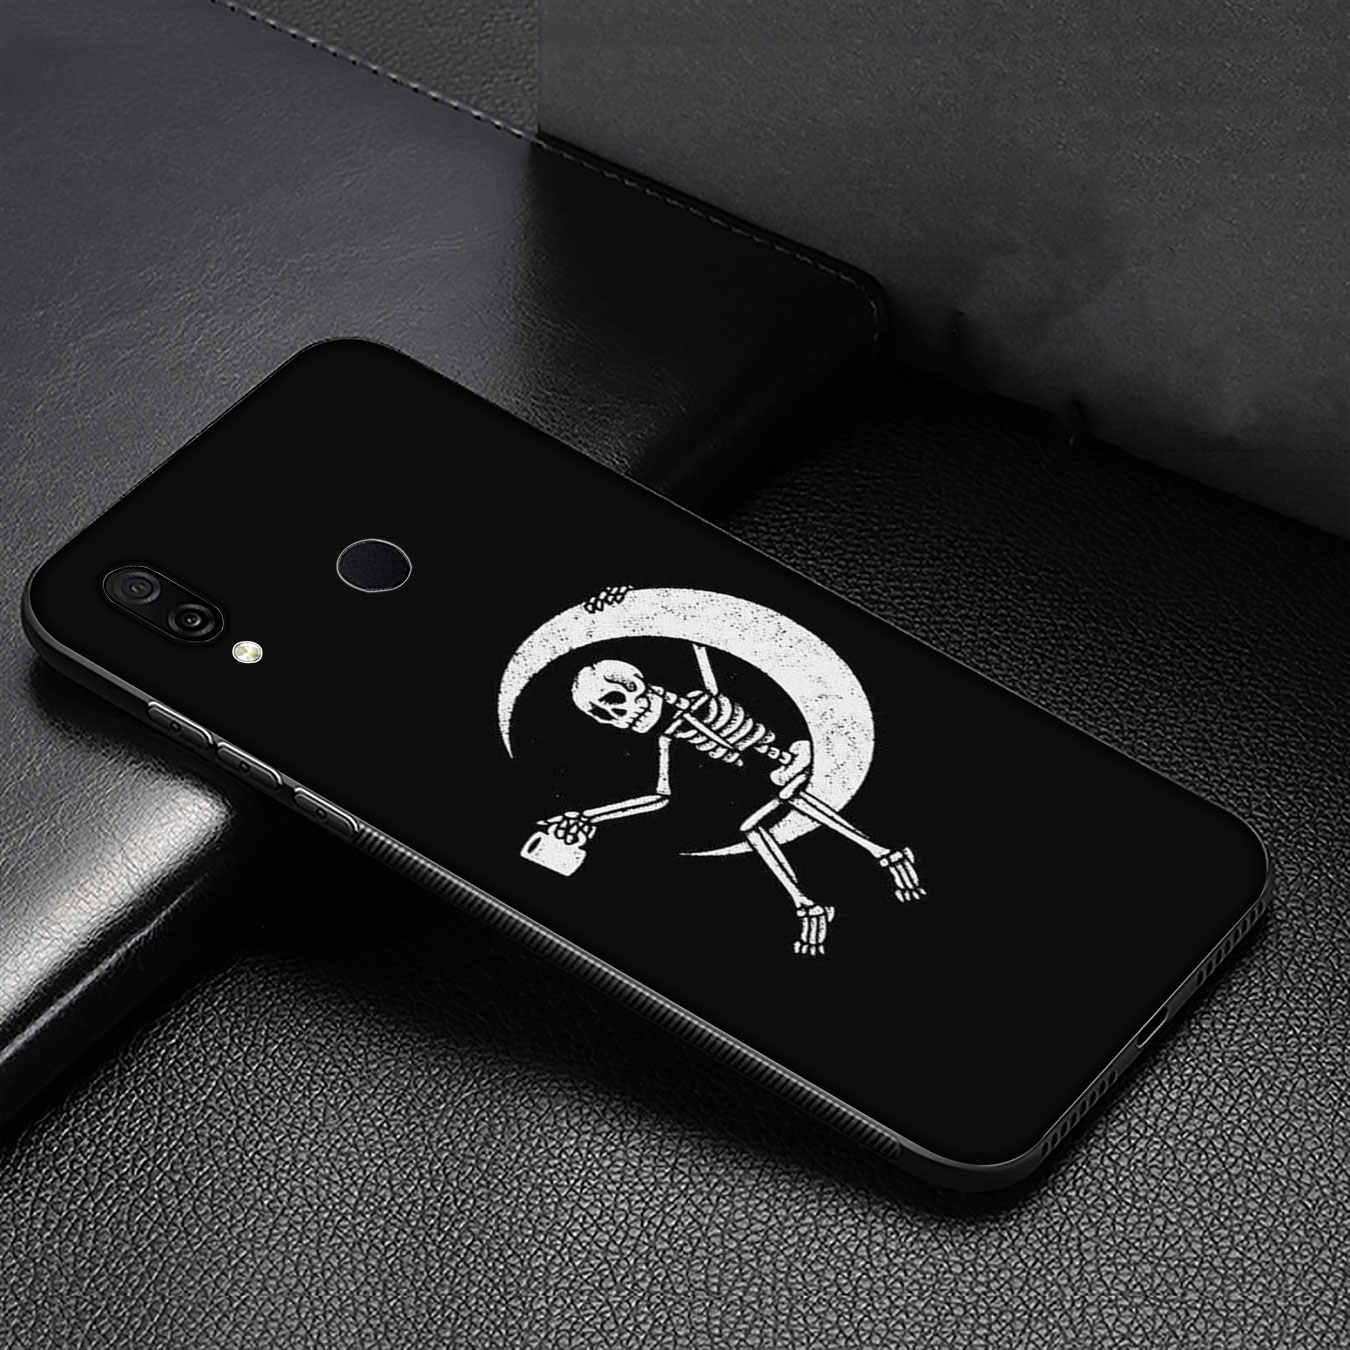 Grim Reaper Skull Scheletro Custodia Morbida per Huawei Y9 Y7 Y6 Prime 2019 2018 Onore vista 20 8C 8X8 9 9X10 Lite 7C 7X 7A Pro